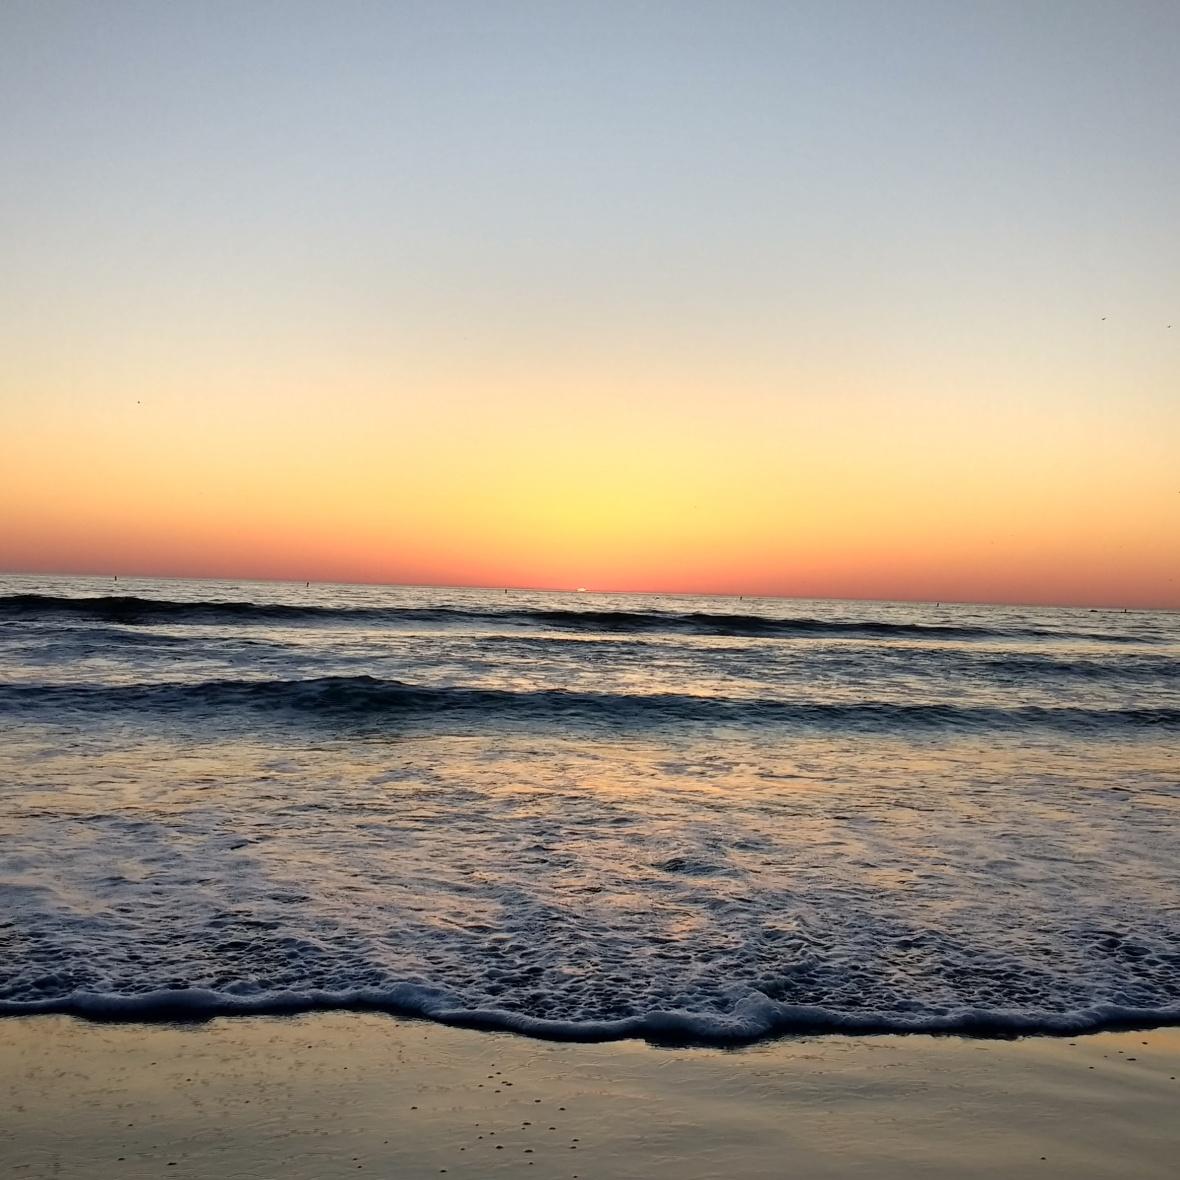 sunset_ocean.jpg